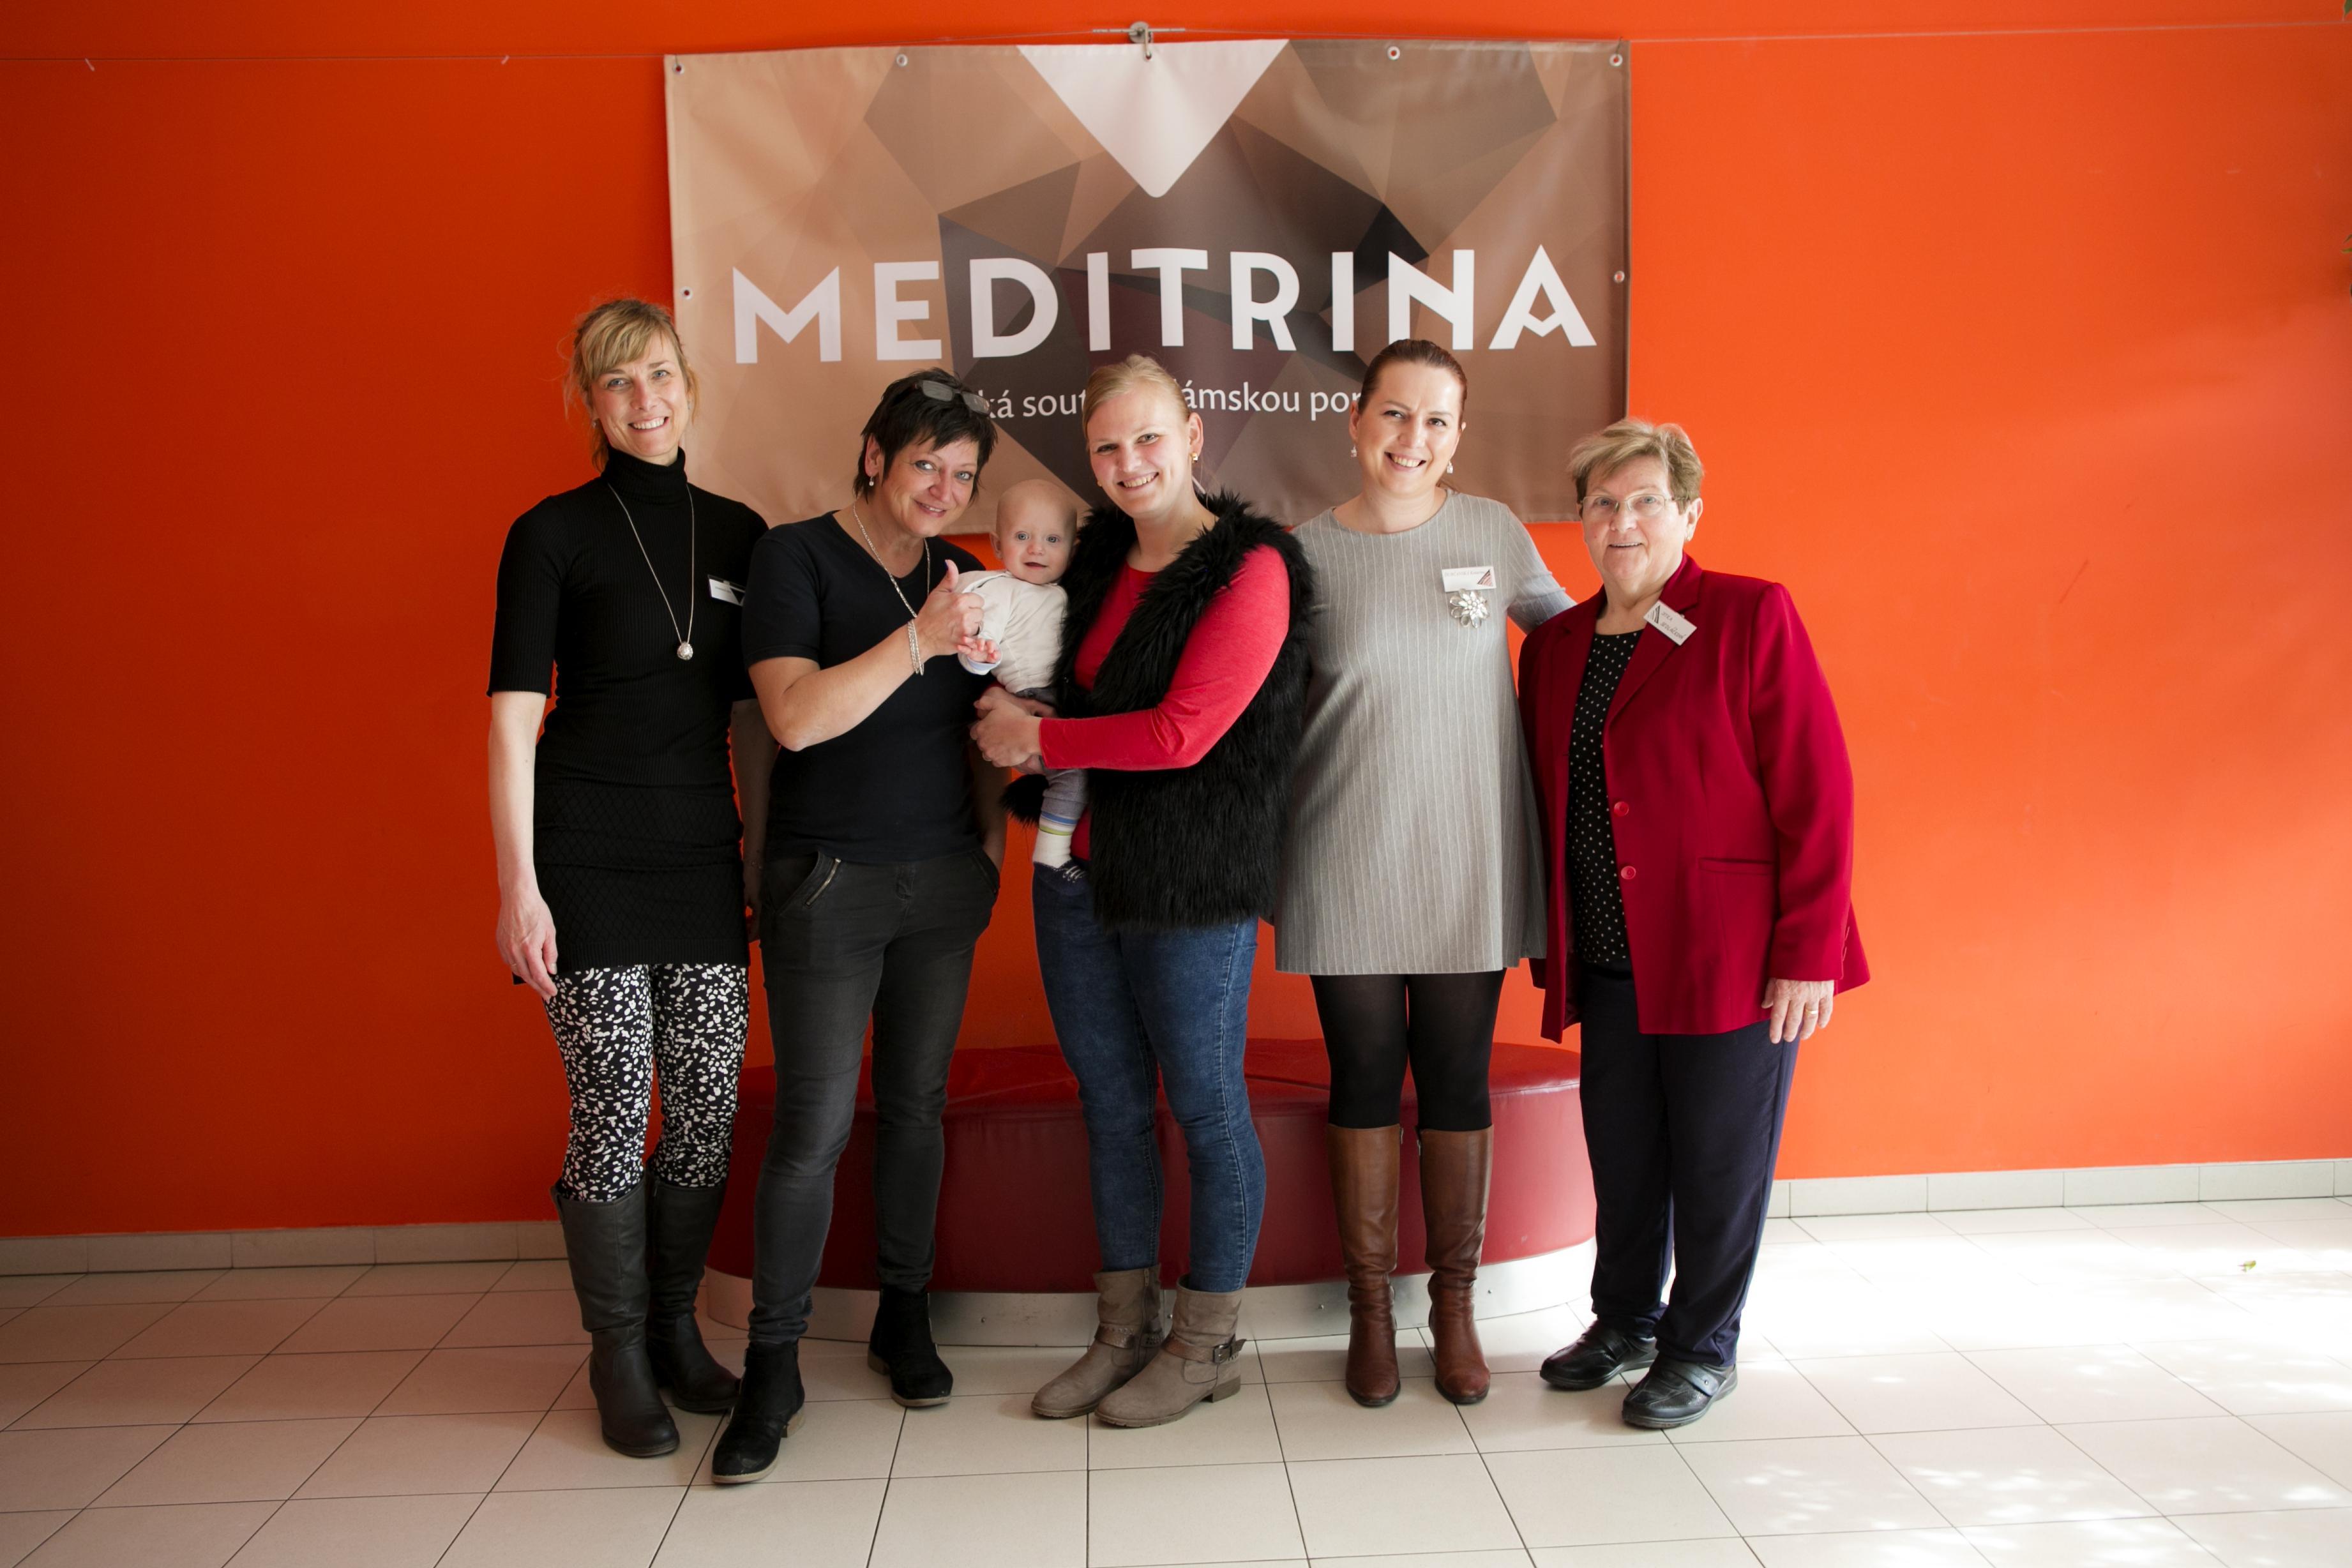 Meditrina_92